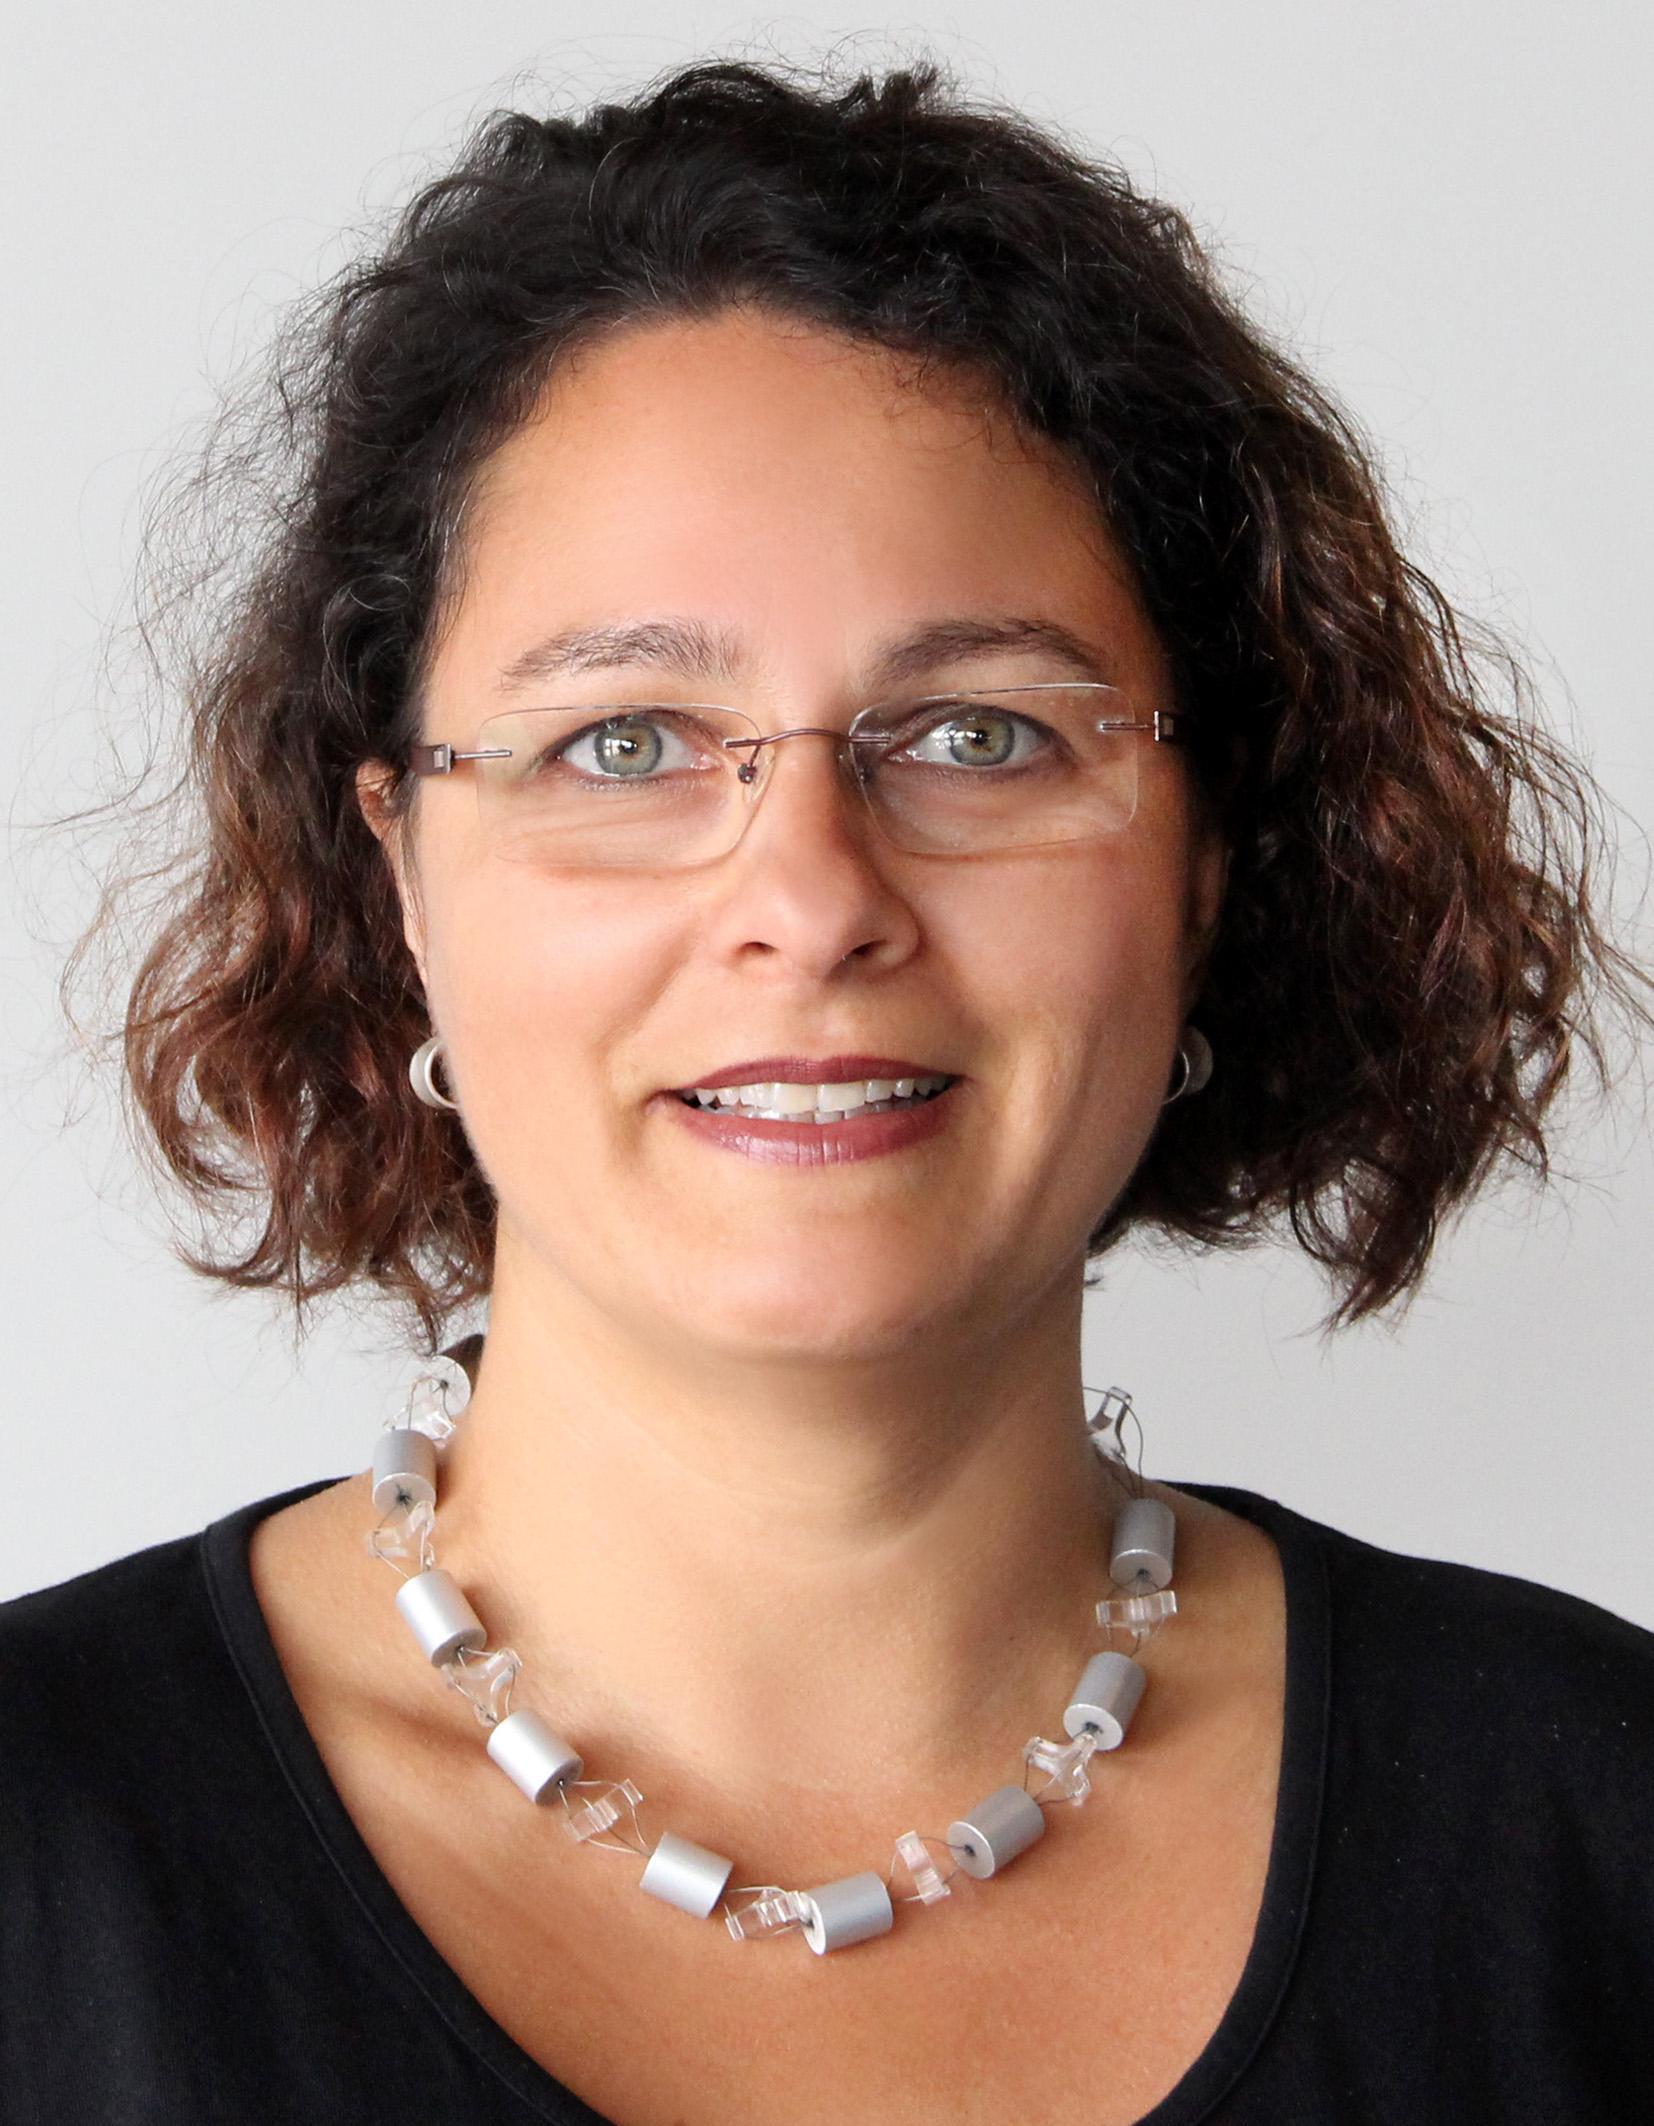 Susanne Papp